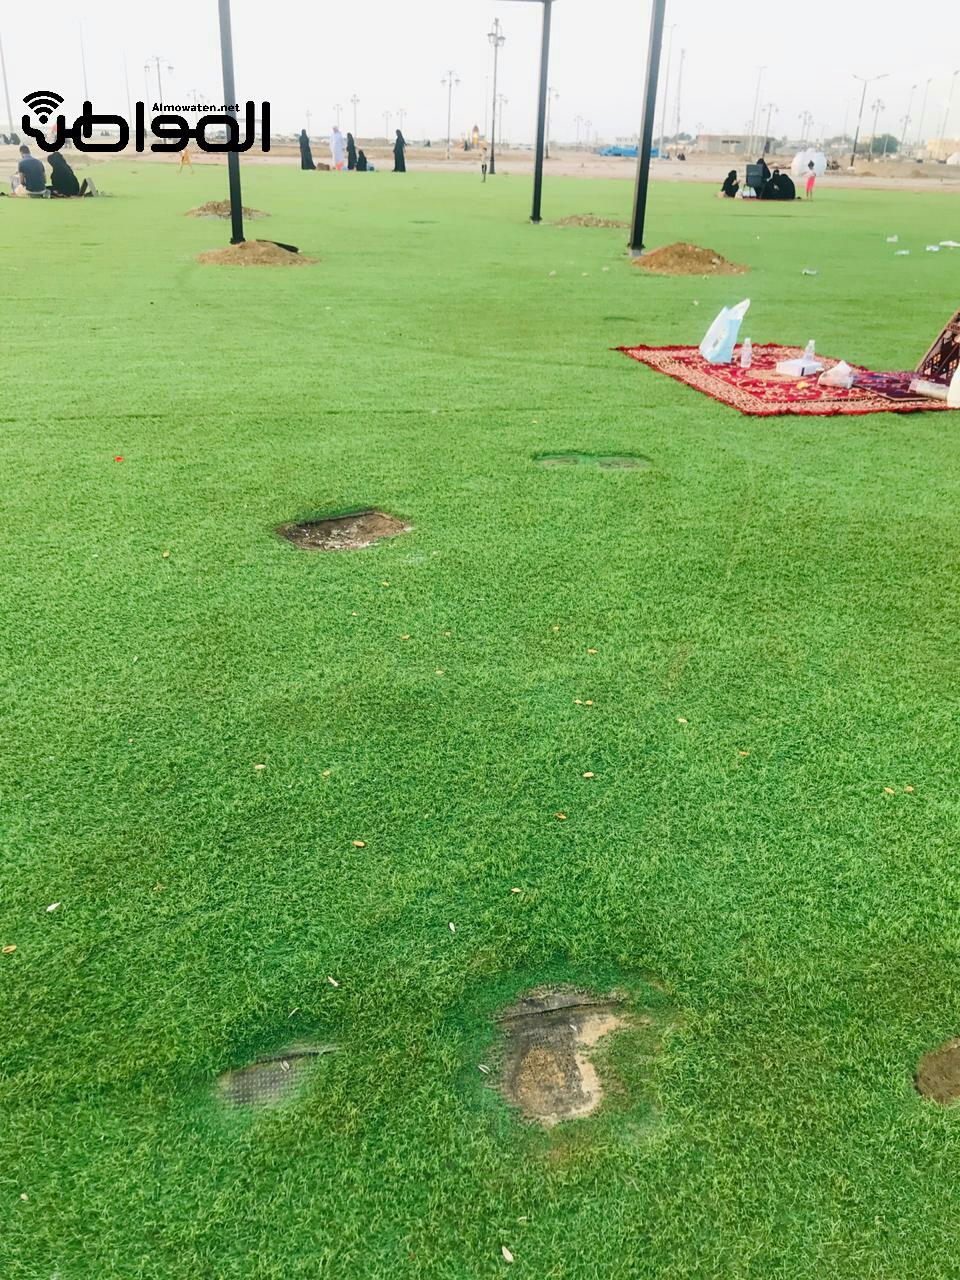 الشواء يشوه العشب الصناعي في شاطئ السهى l - المواطن